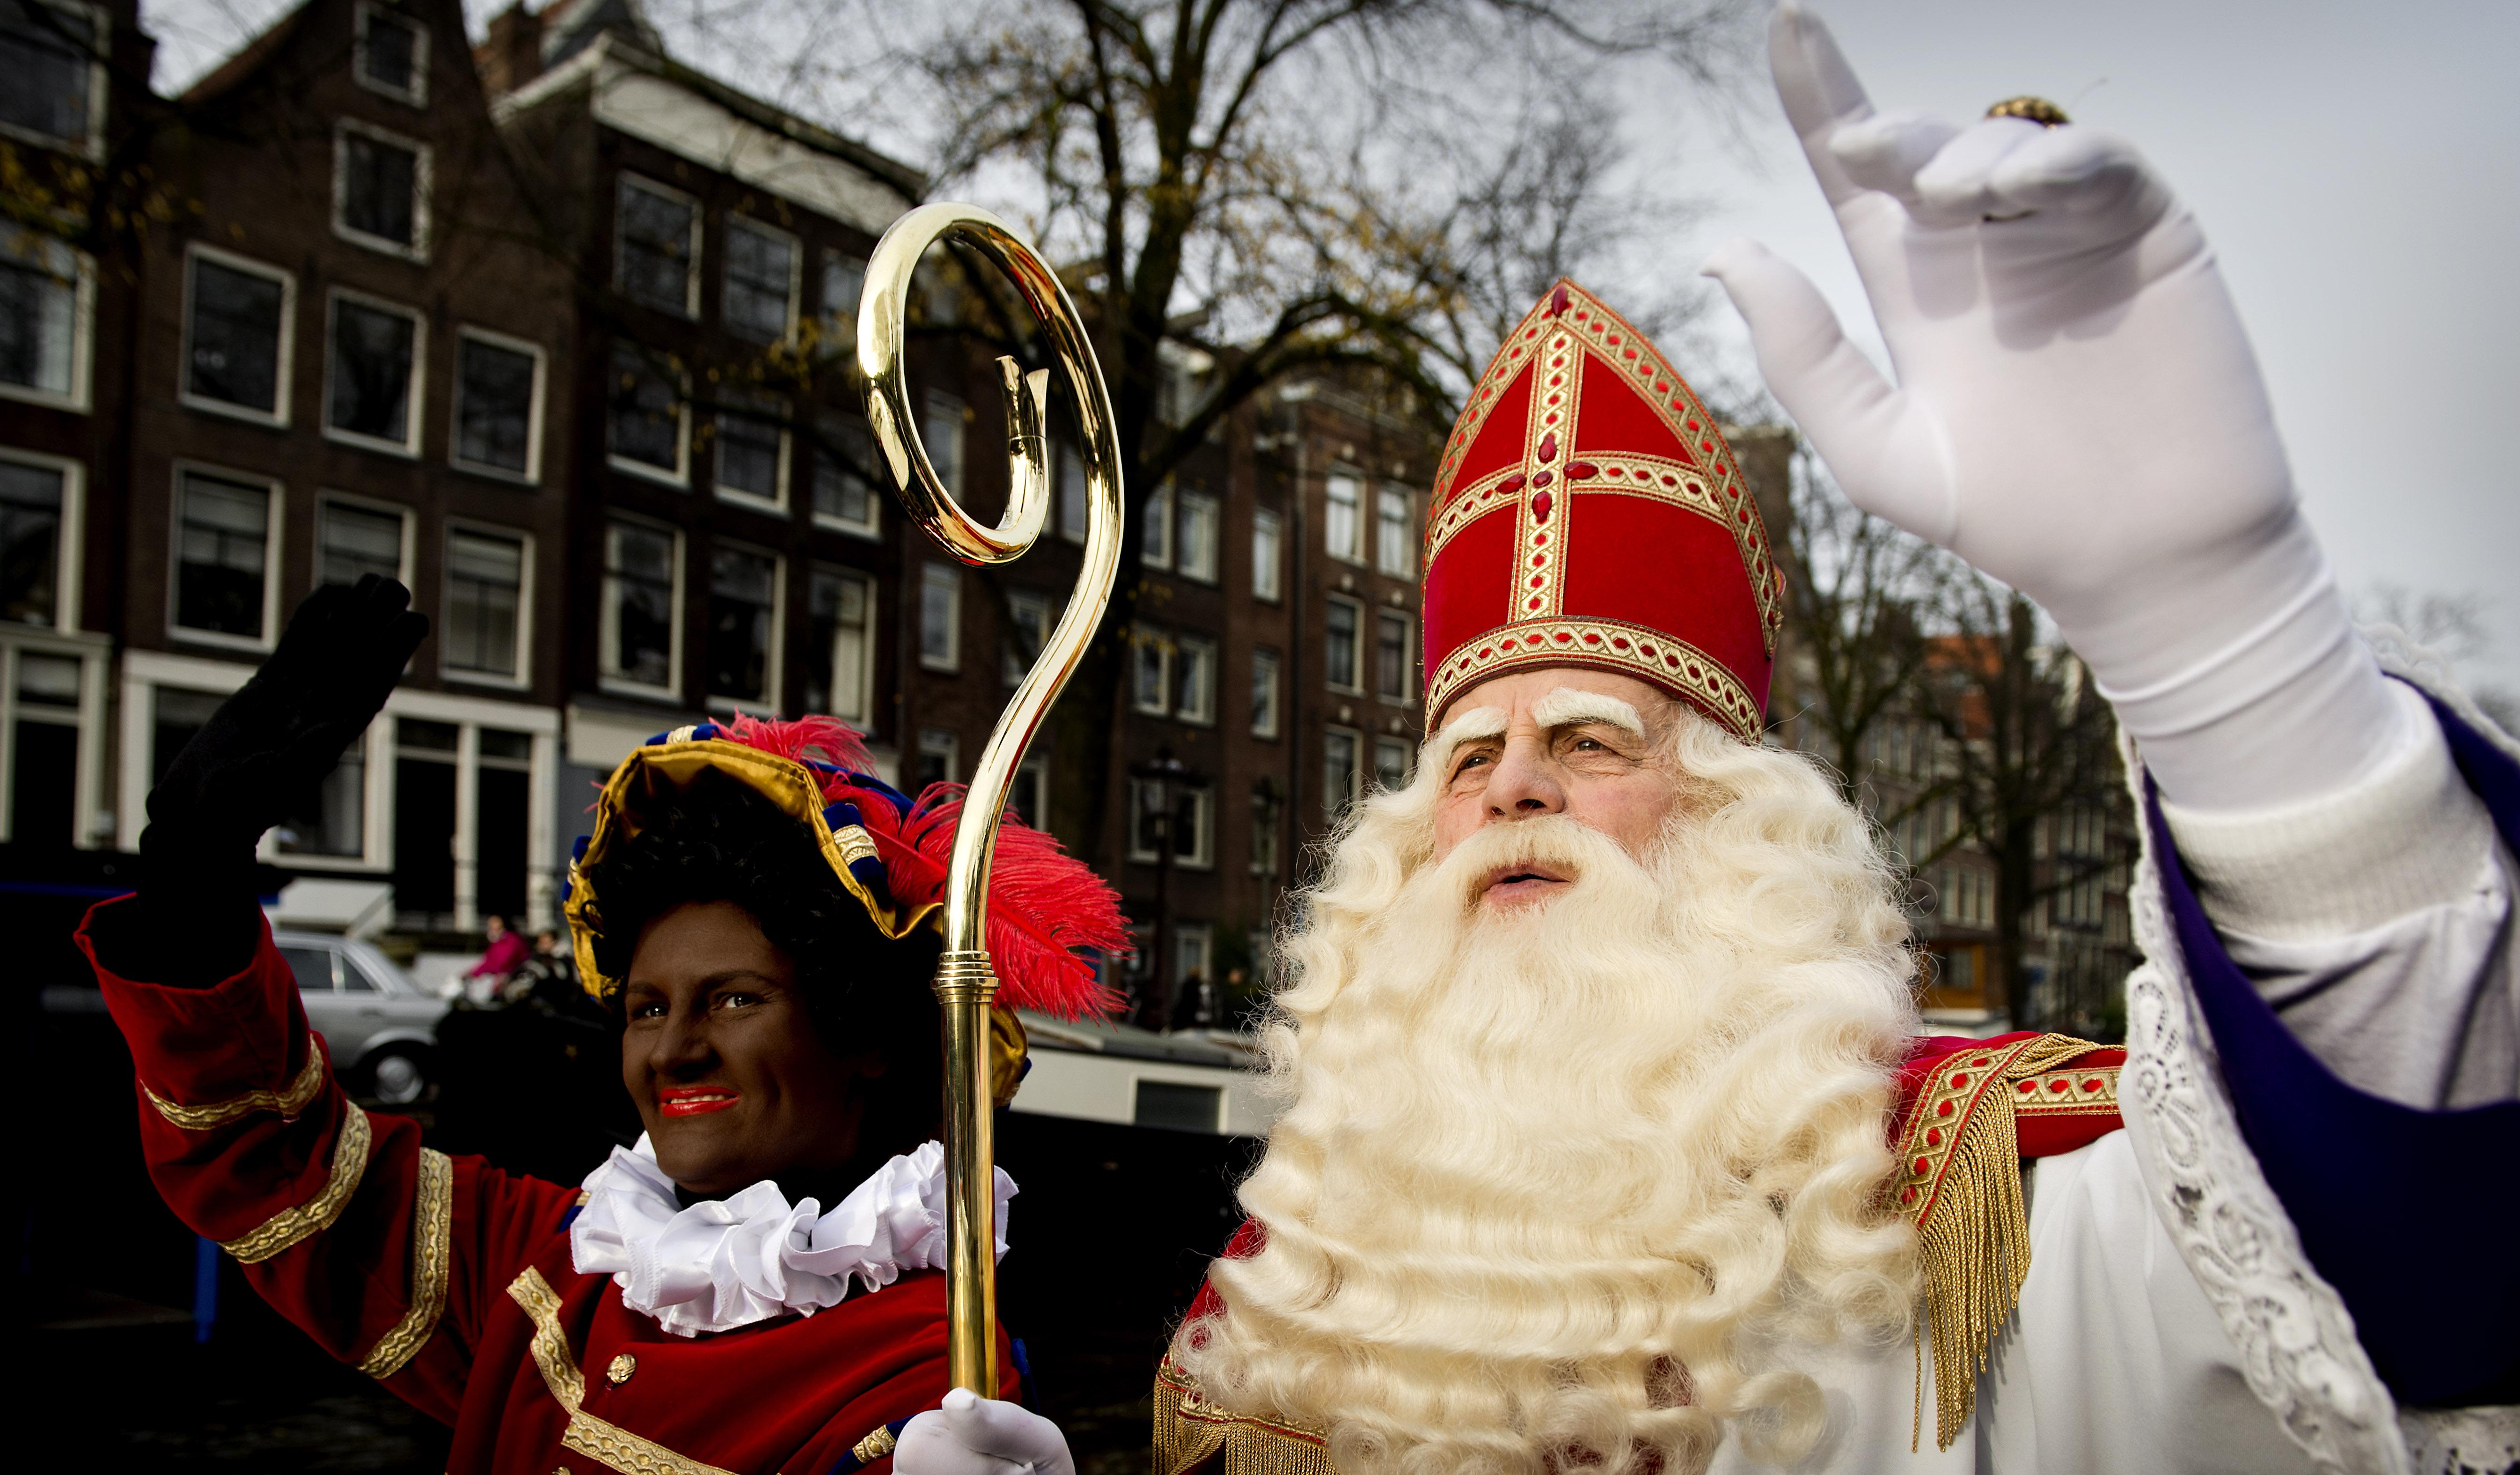 Amszterdam utcáin egy Zwarte Piet-tel, ami kb. olyan, mint nálunk a krampusz.